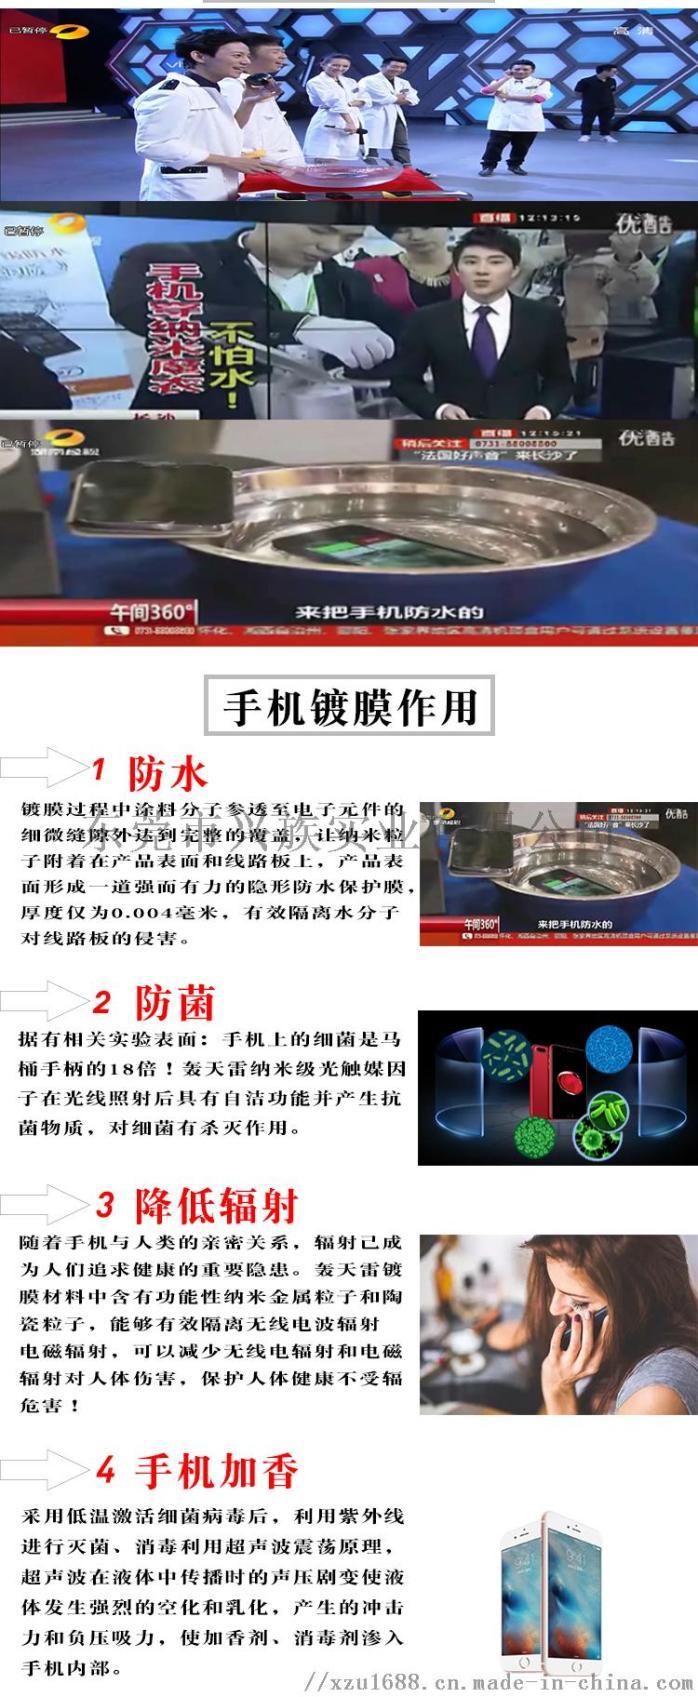 手机真空纳米防水镀膜机手机防水机器防水设备103479685